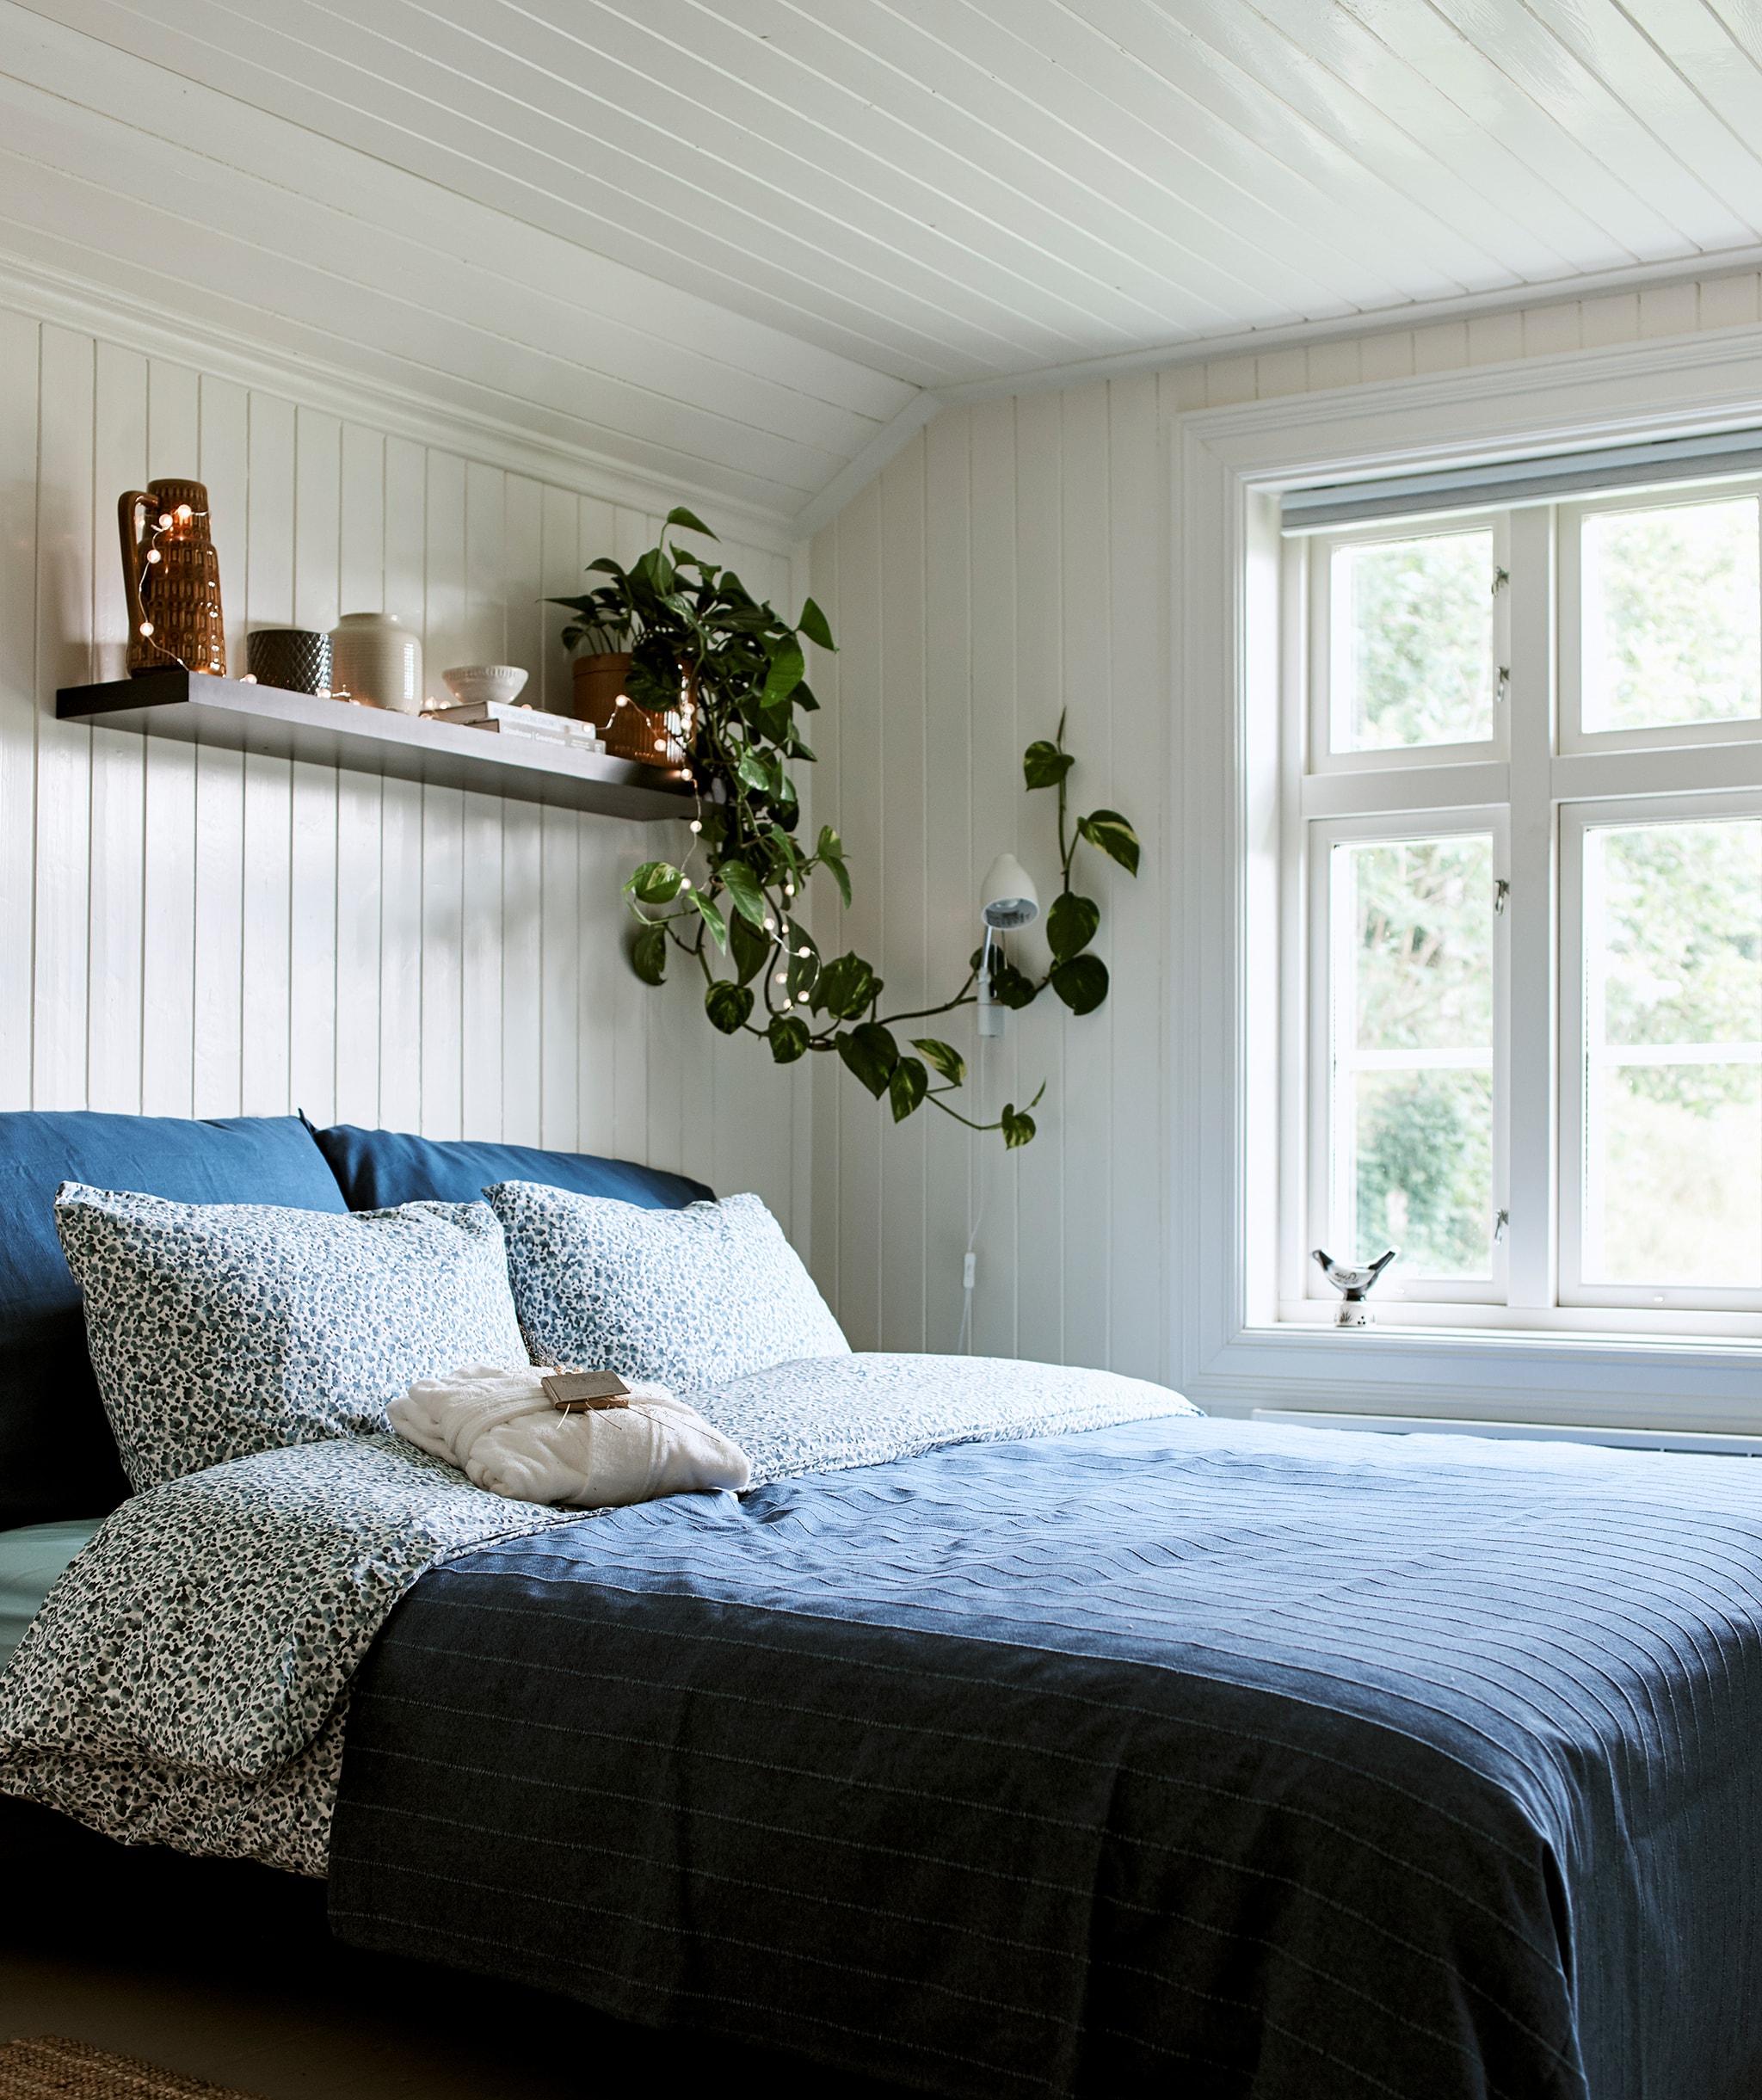 舖上白色木牆板的農舍睡房,睡床舖上藍色寢具,上方的牆架用作貯物和展示擺設。